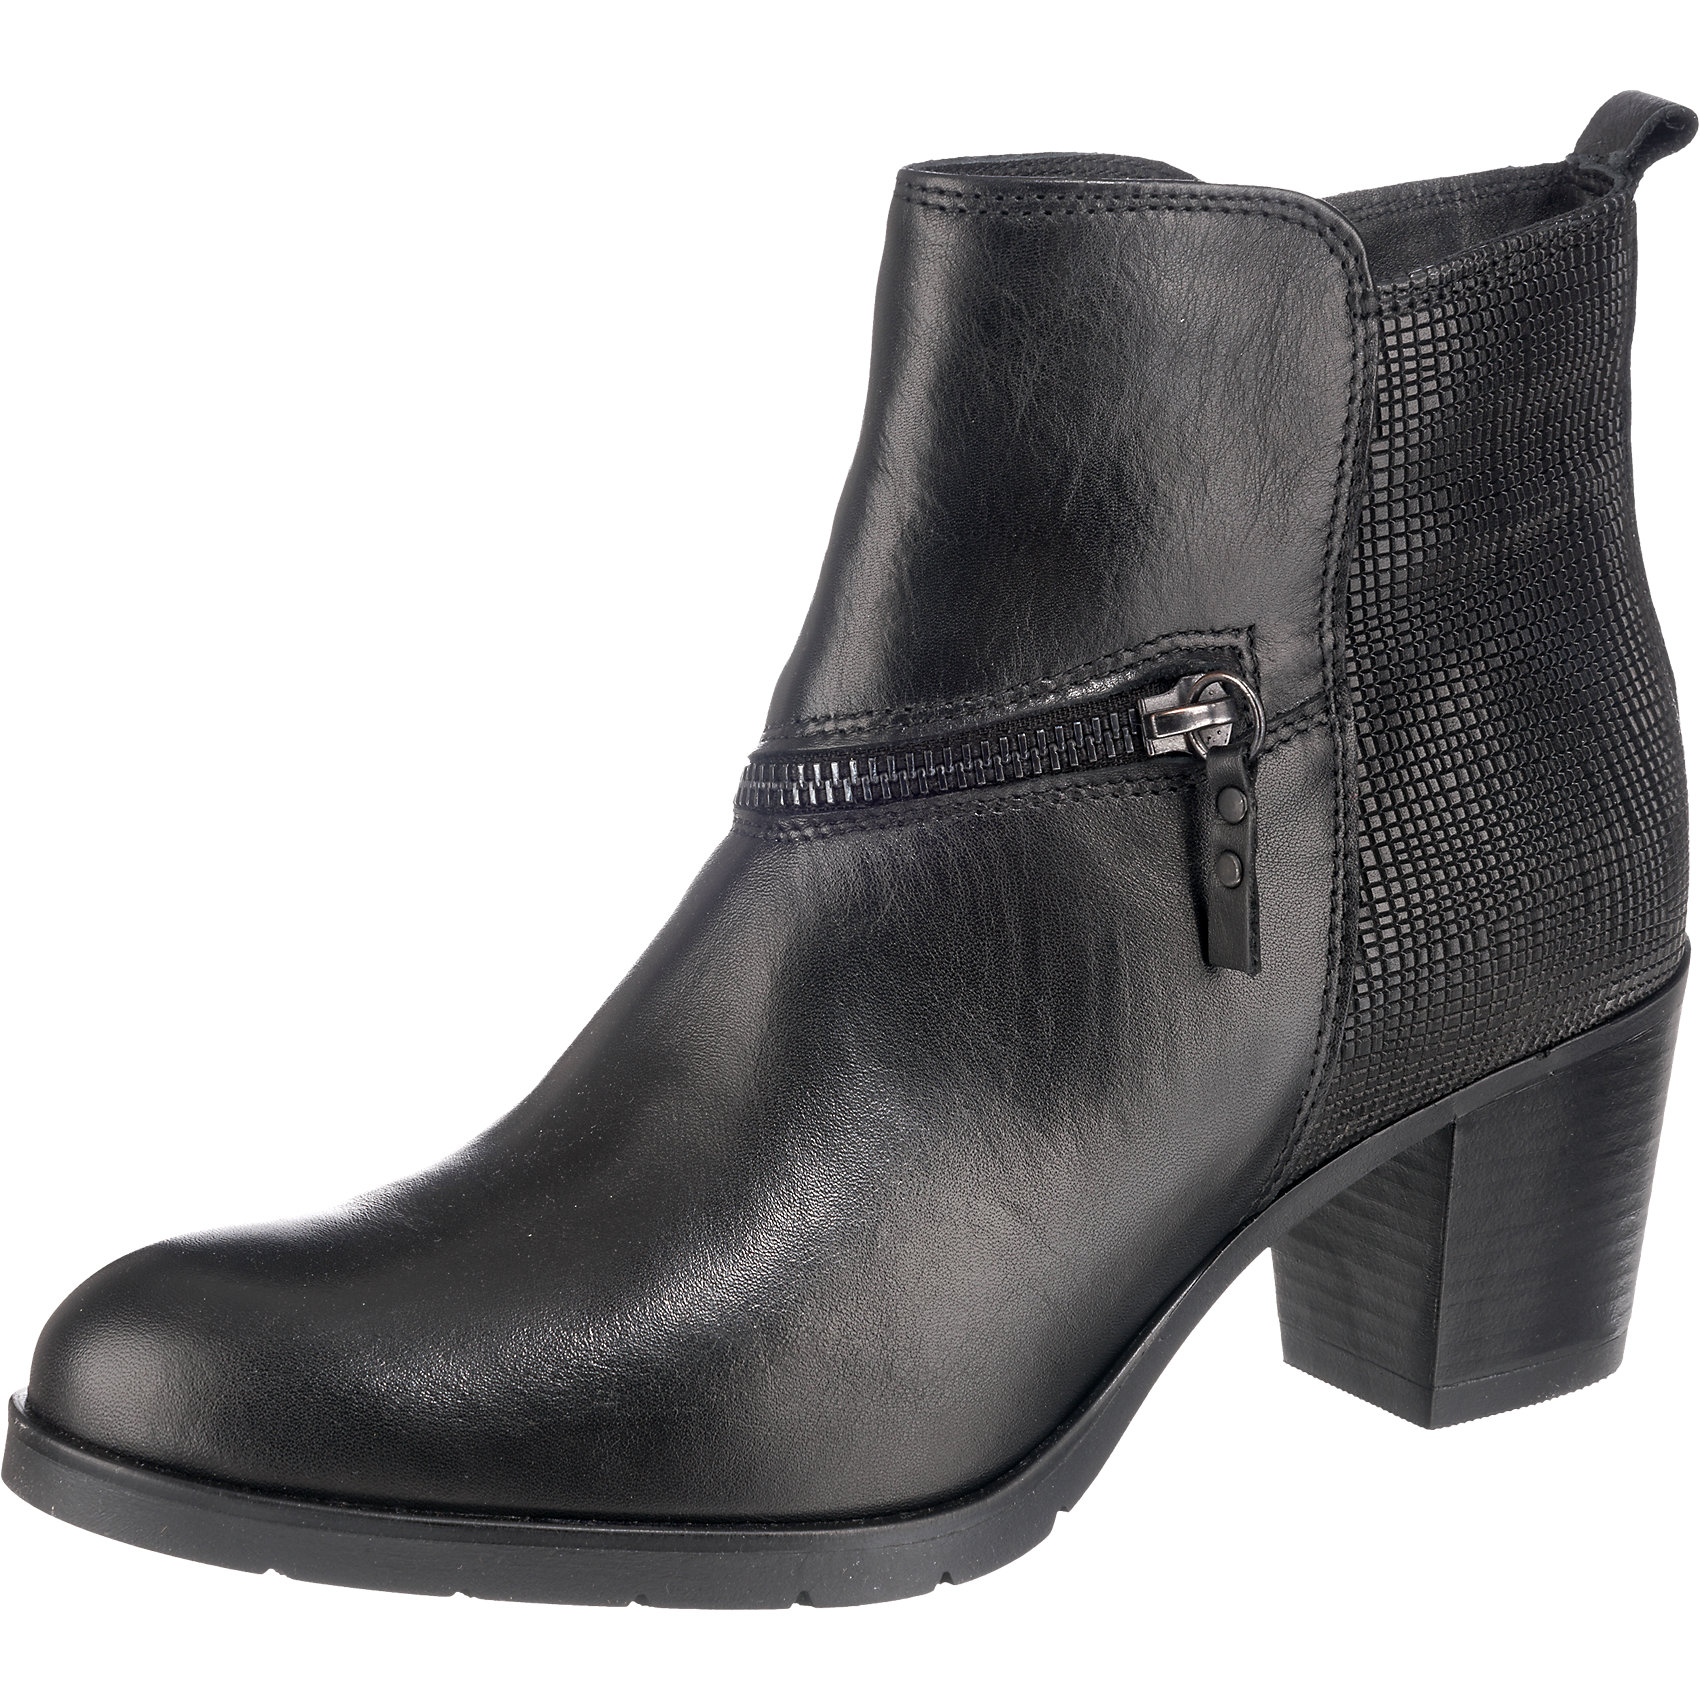 Neu relaxshoe Stiefeletten 6949192 für Damen dunkelbraun schwarz